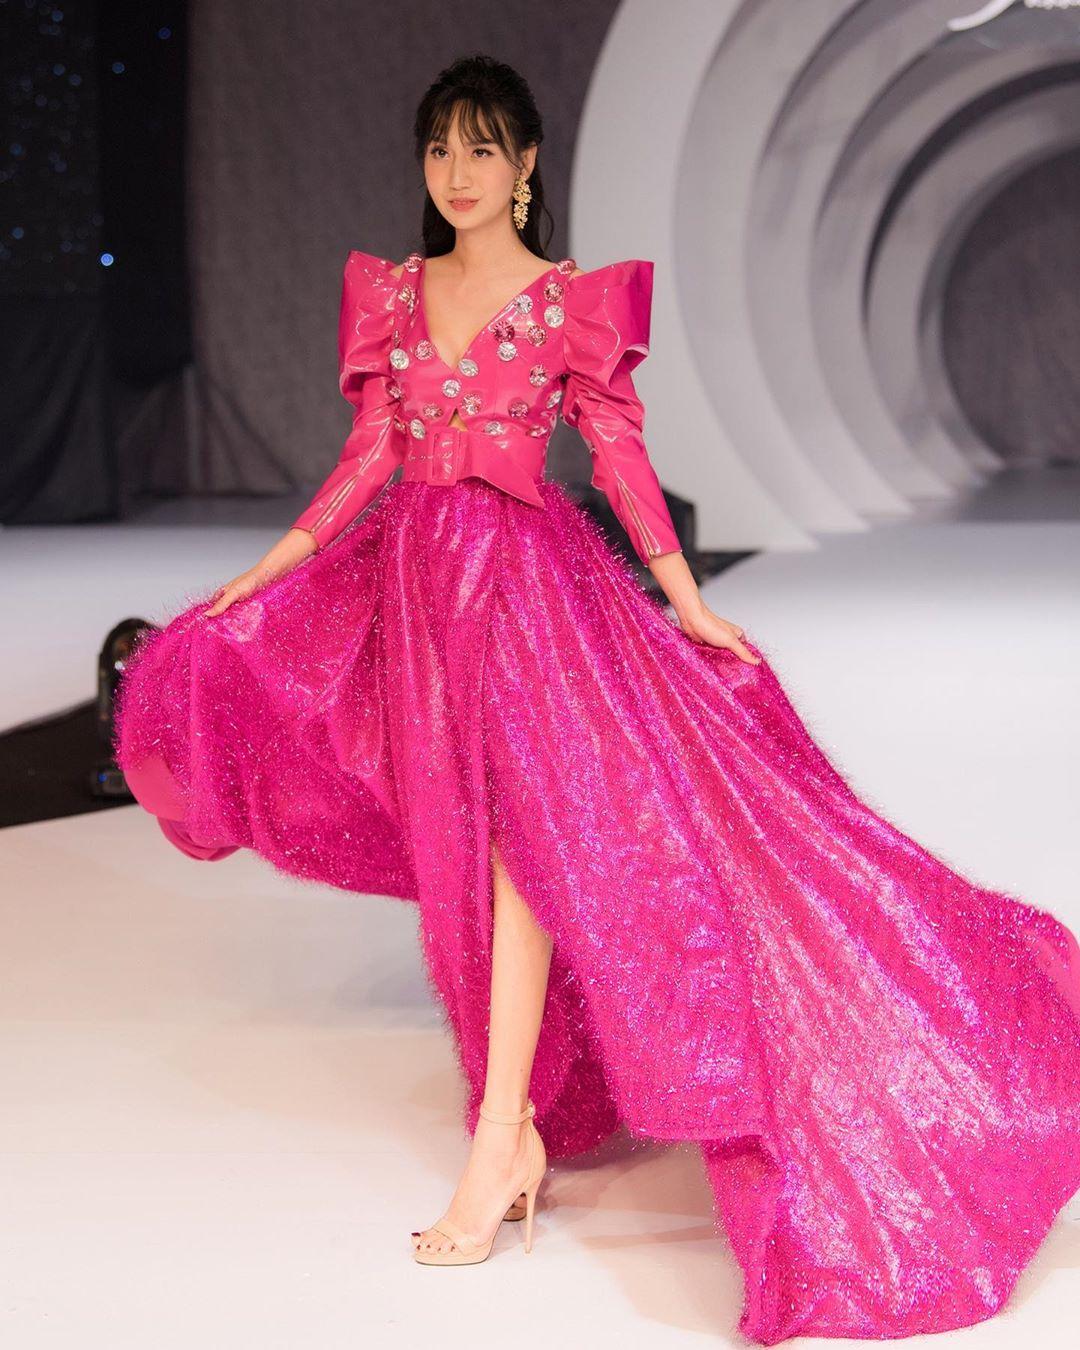 Lan Khuê hóa Nữ hoàng đầy quyền lực, Lynk Lee lần đầu đi giày cao gót 10cm làm vedette tại show thời trang - Ảnh 3.